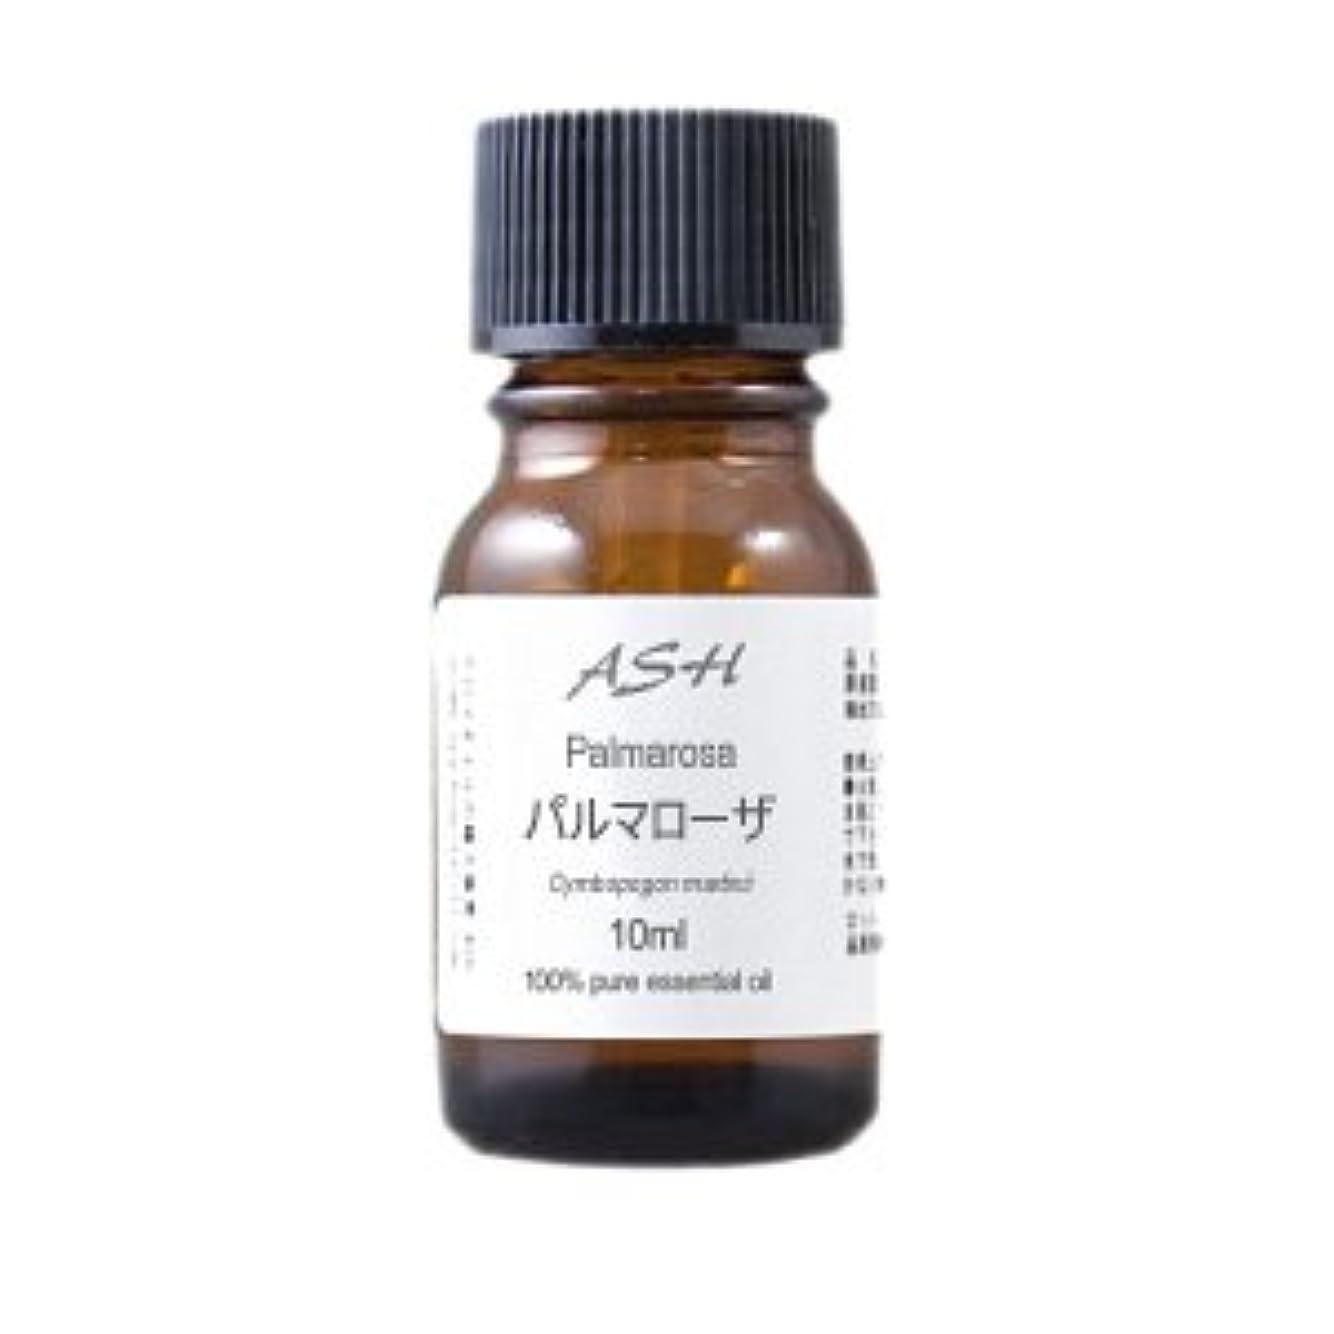 お香十ポルノASH パルマローザ エッセンシャルオイル 10ml AEAJ表示基準適合認定精油